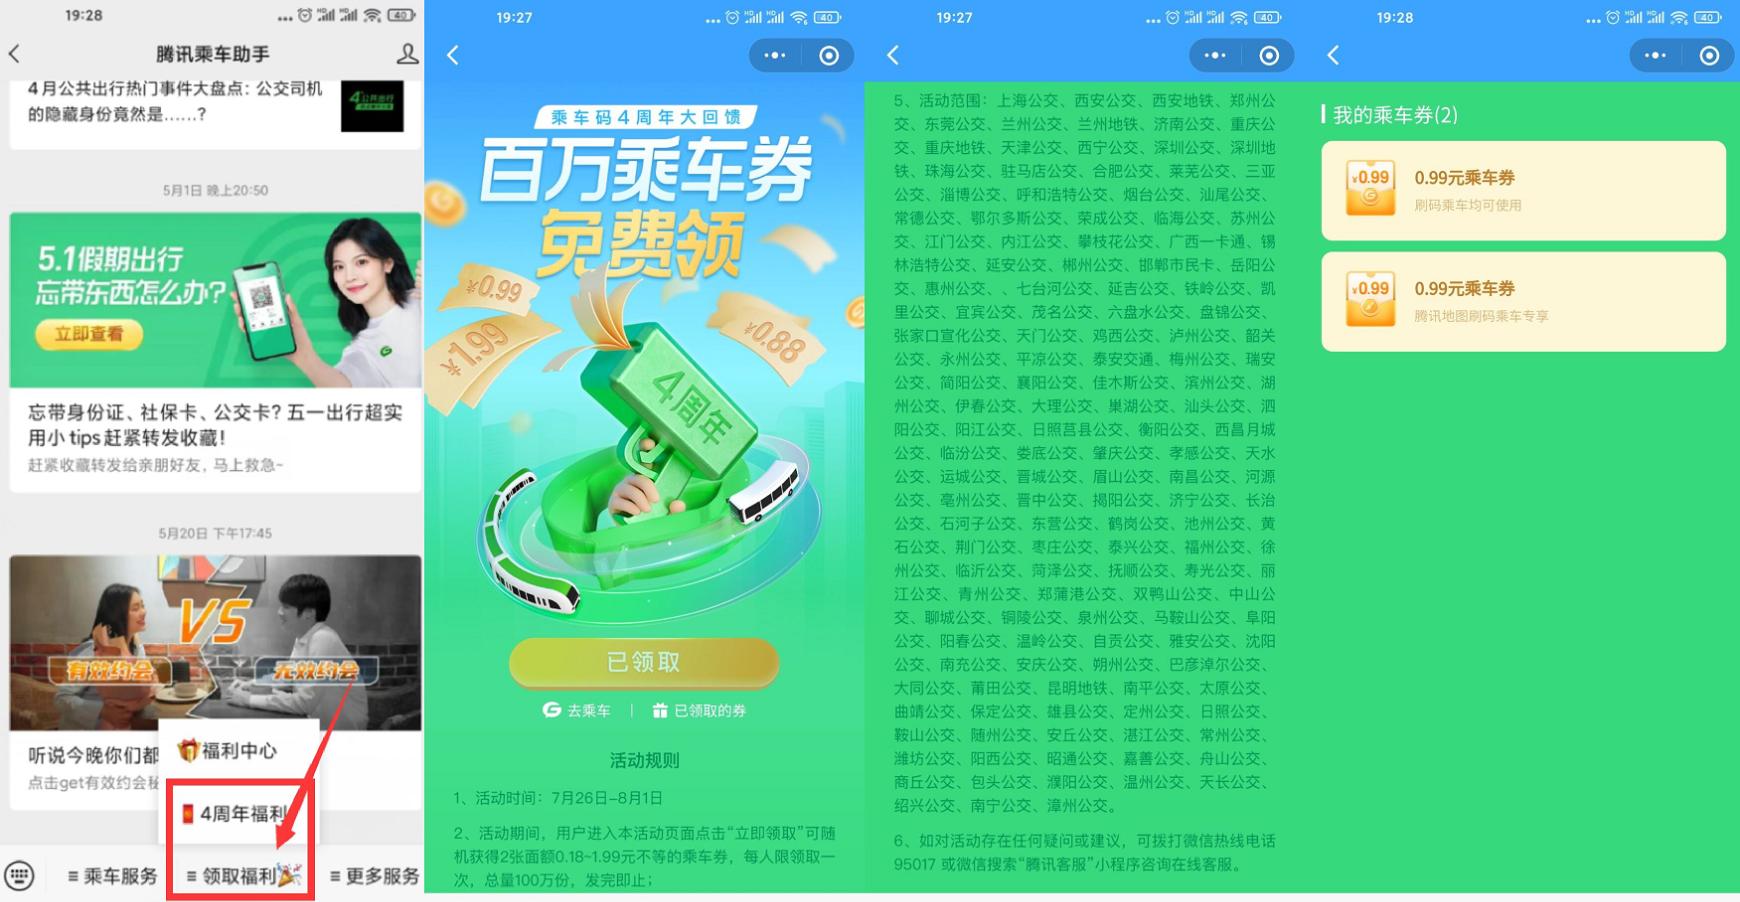 """【部分城市领2元腾讯乘车券】微信关注""""腾讯乘车助手"""